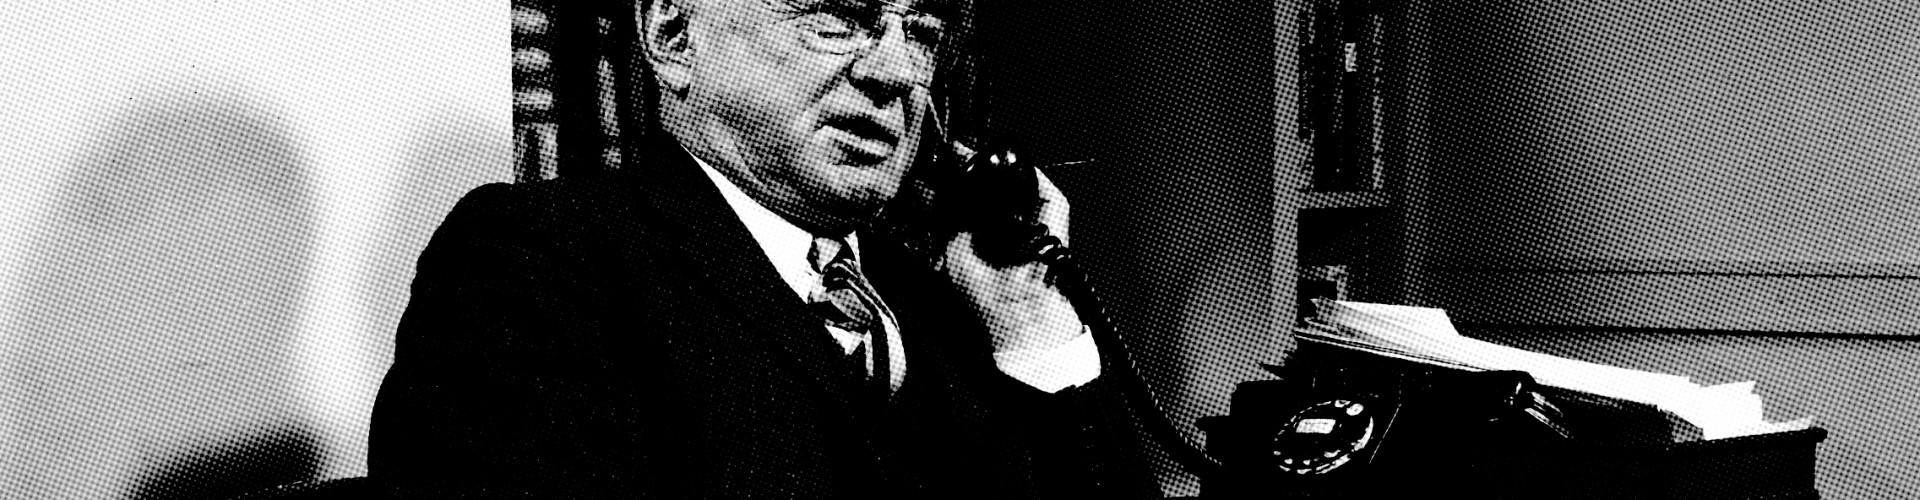 Alex f Osborn al telefono